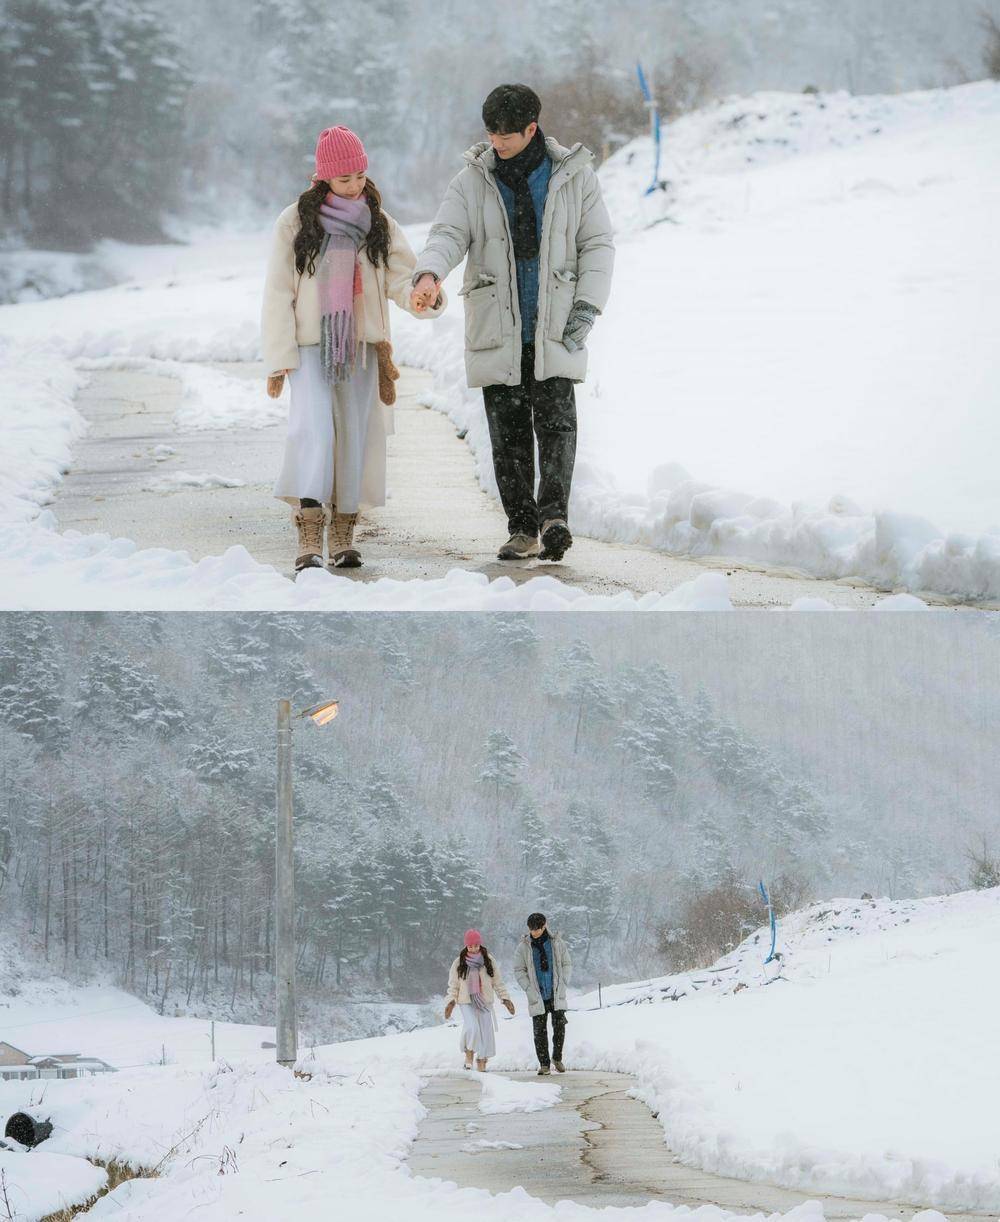 Tập mới nhất tối thứ 3, sẽ hé lộ nhiều khoảnh khắc lãng mạn trong tuyết